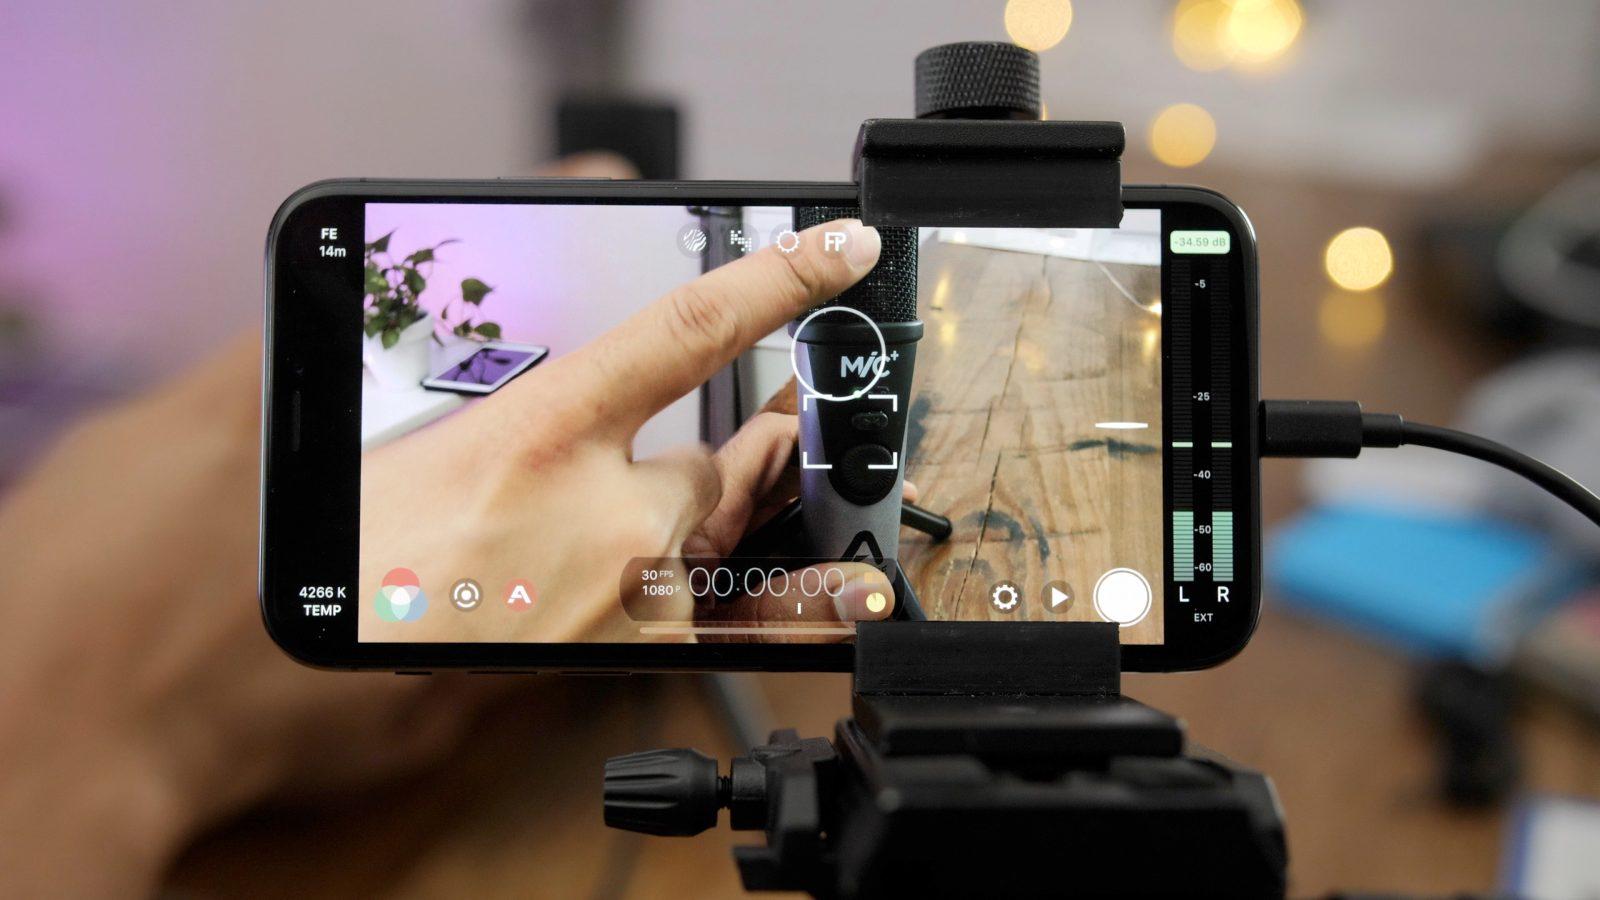 Thiết bị để quay phim bằng điện thoại